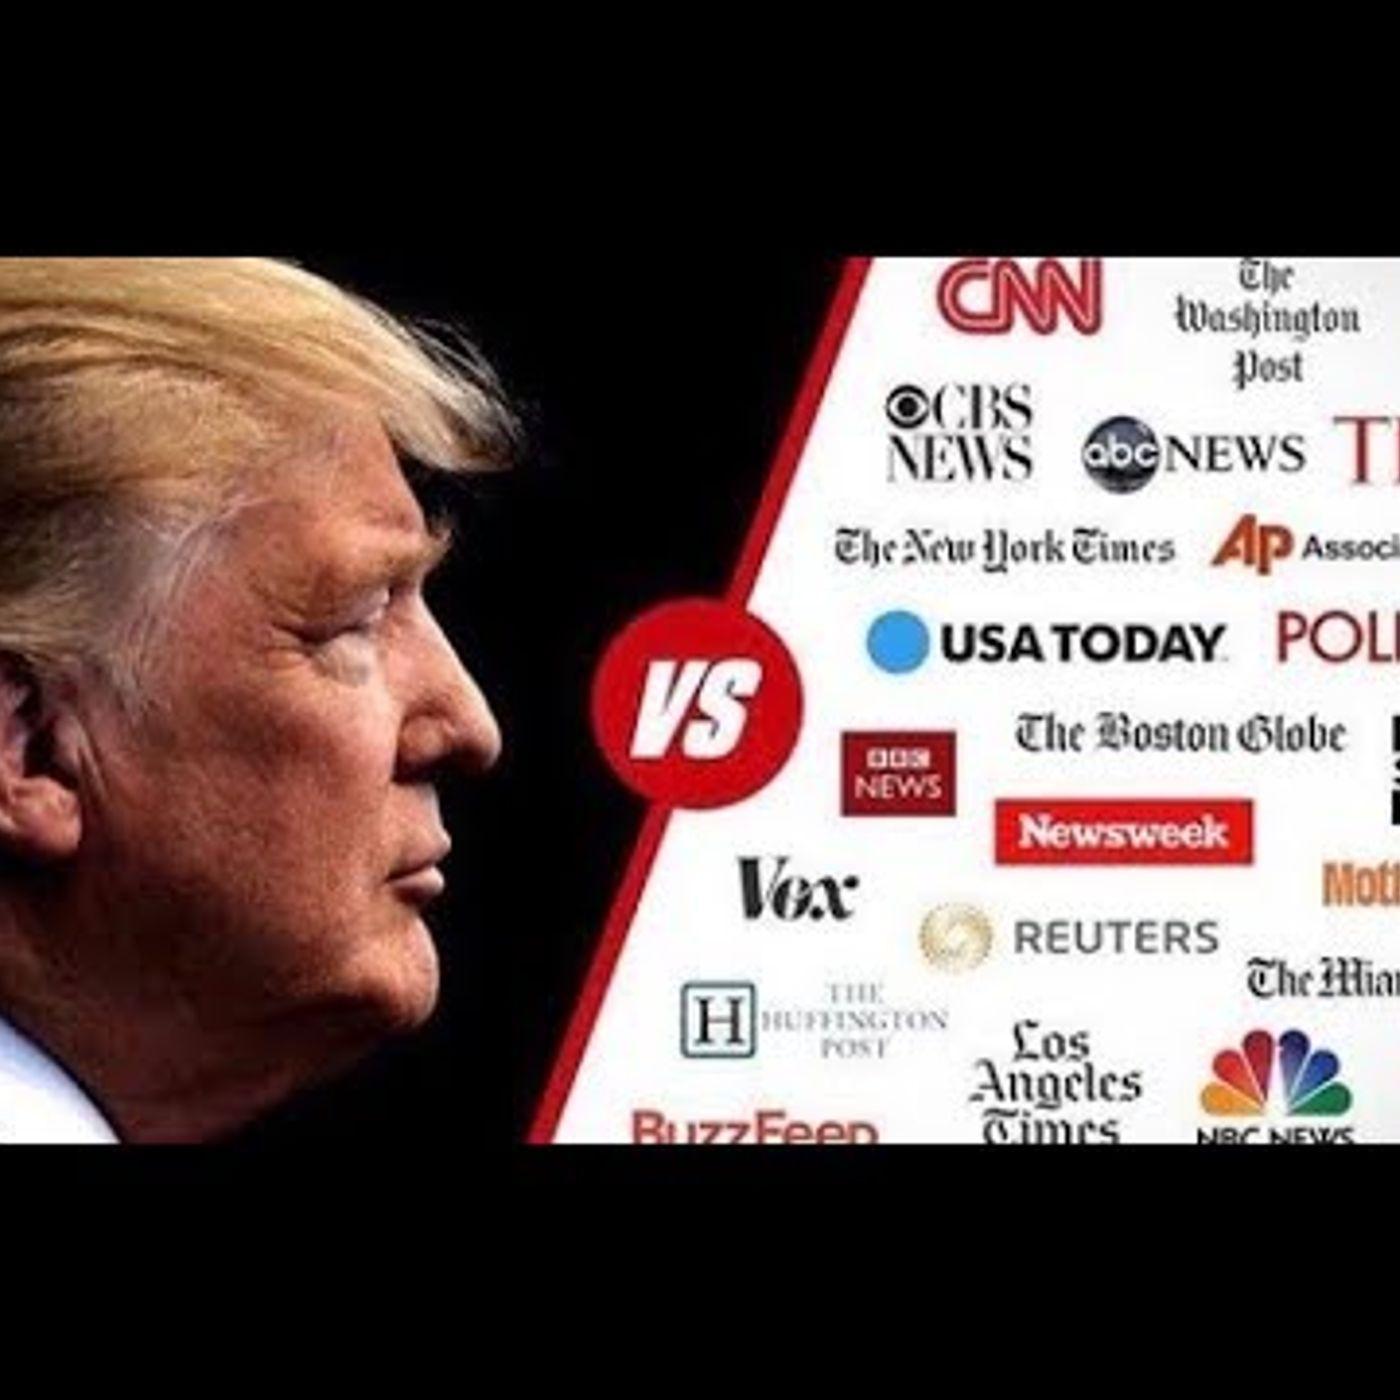 #TS fałszywy Donald Trump czy fałszywe media nacjonalizm i konstytucja vs globalizm